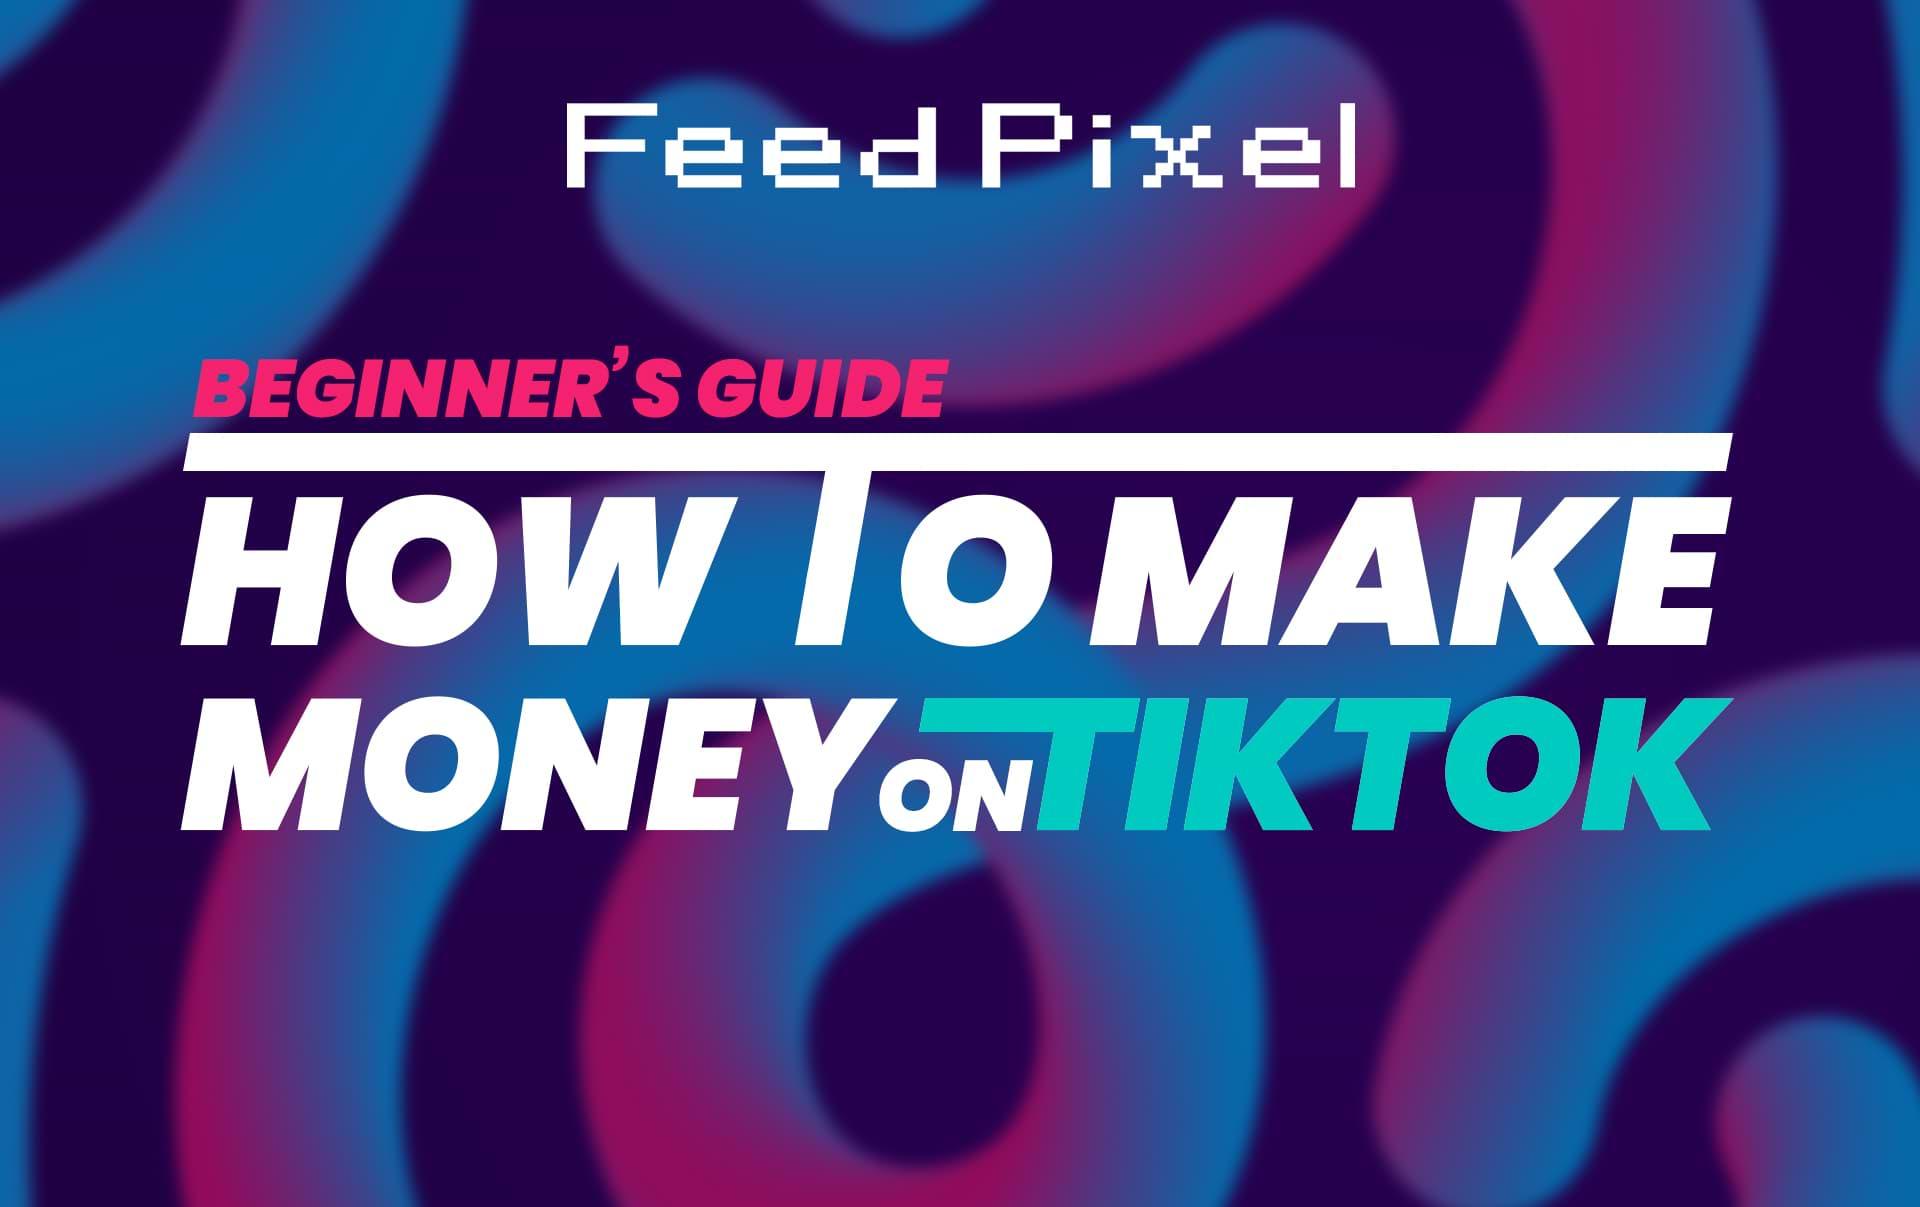 How To Make Money On Tiktok [Beginner's Guide]